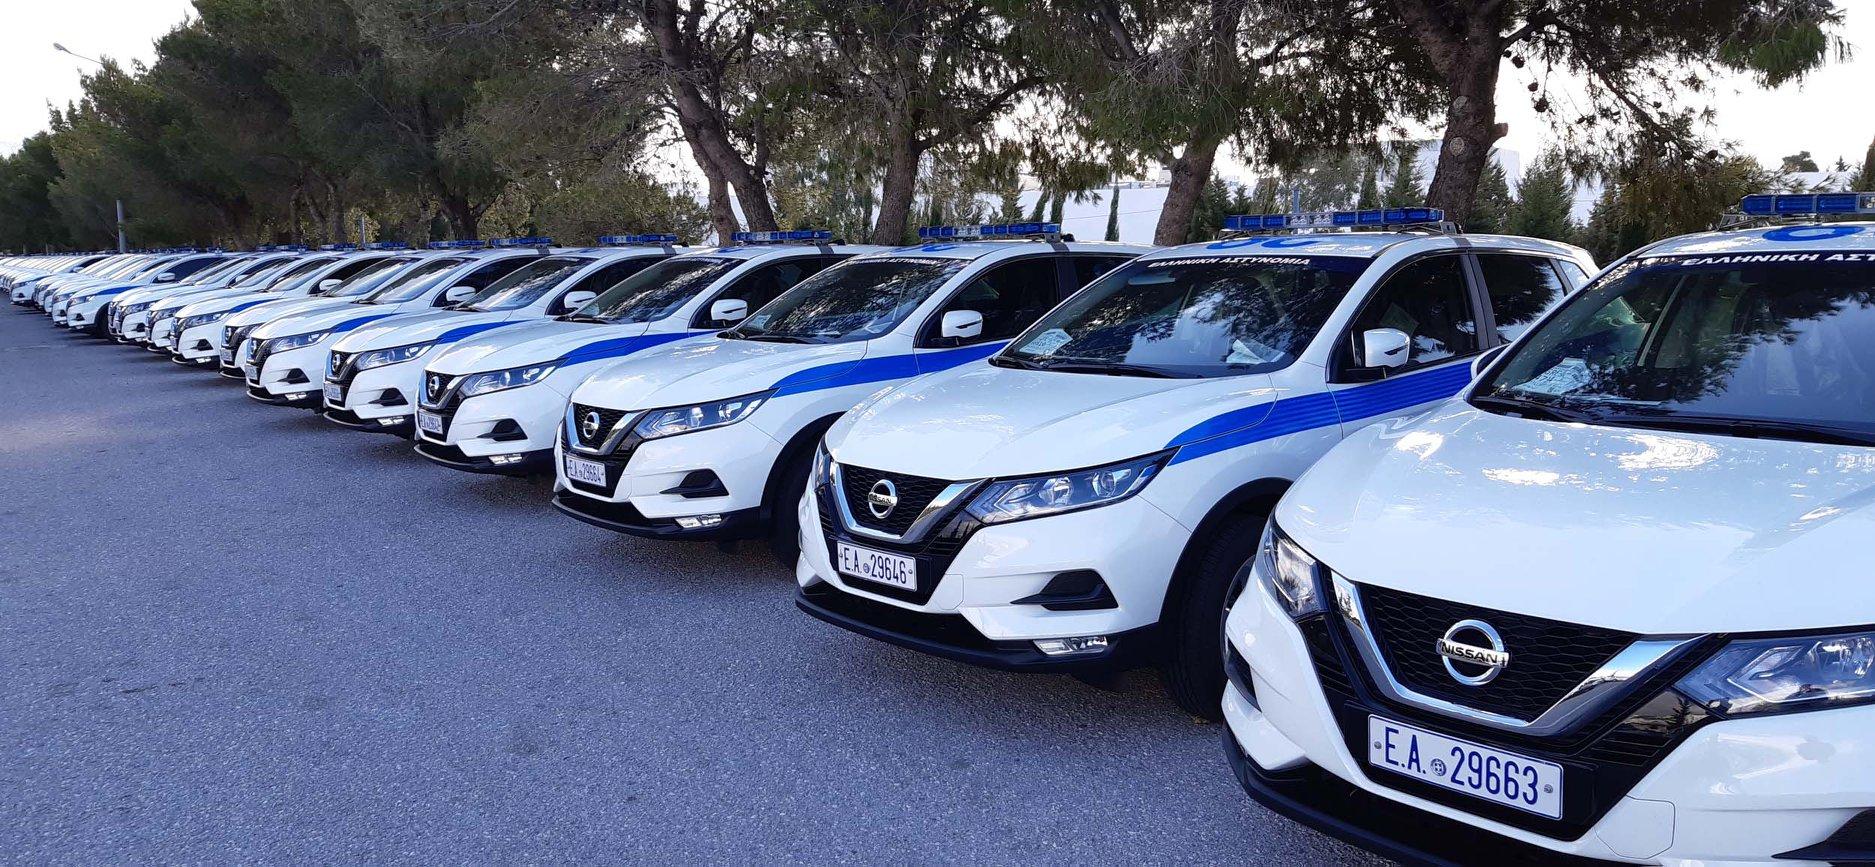 Nissan-Qashqai-greek-police-4